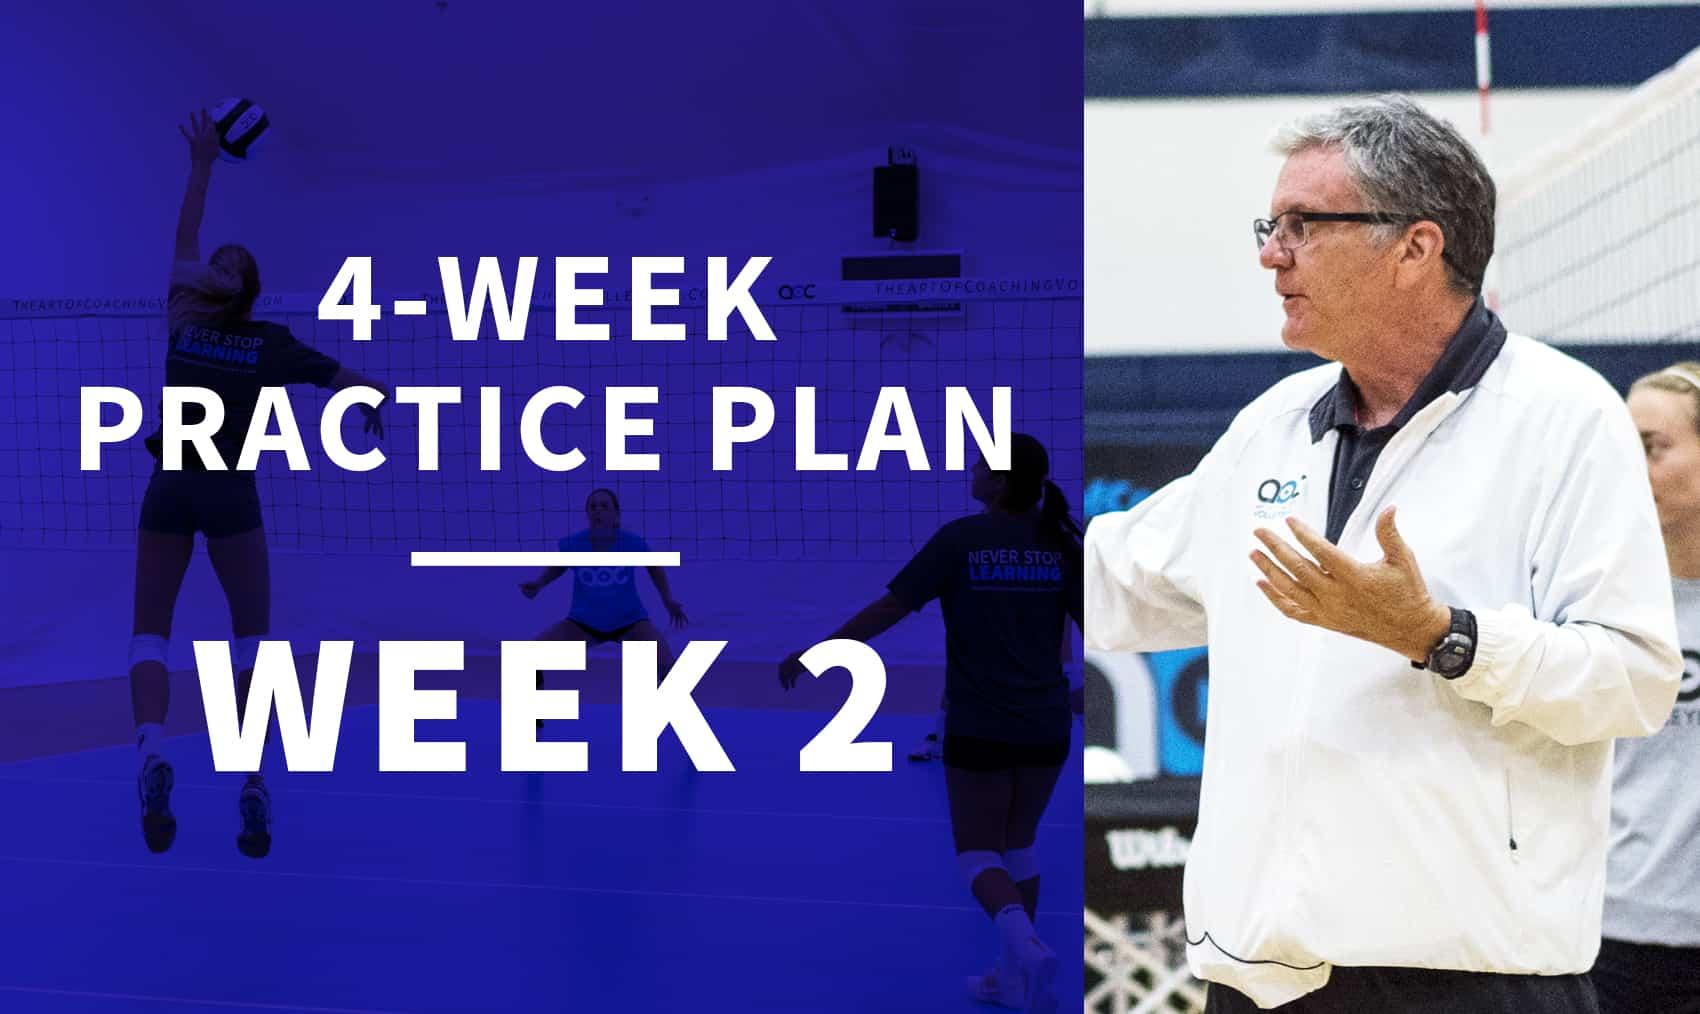 4-week practice plan